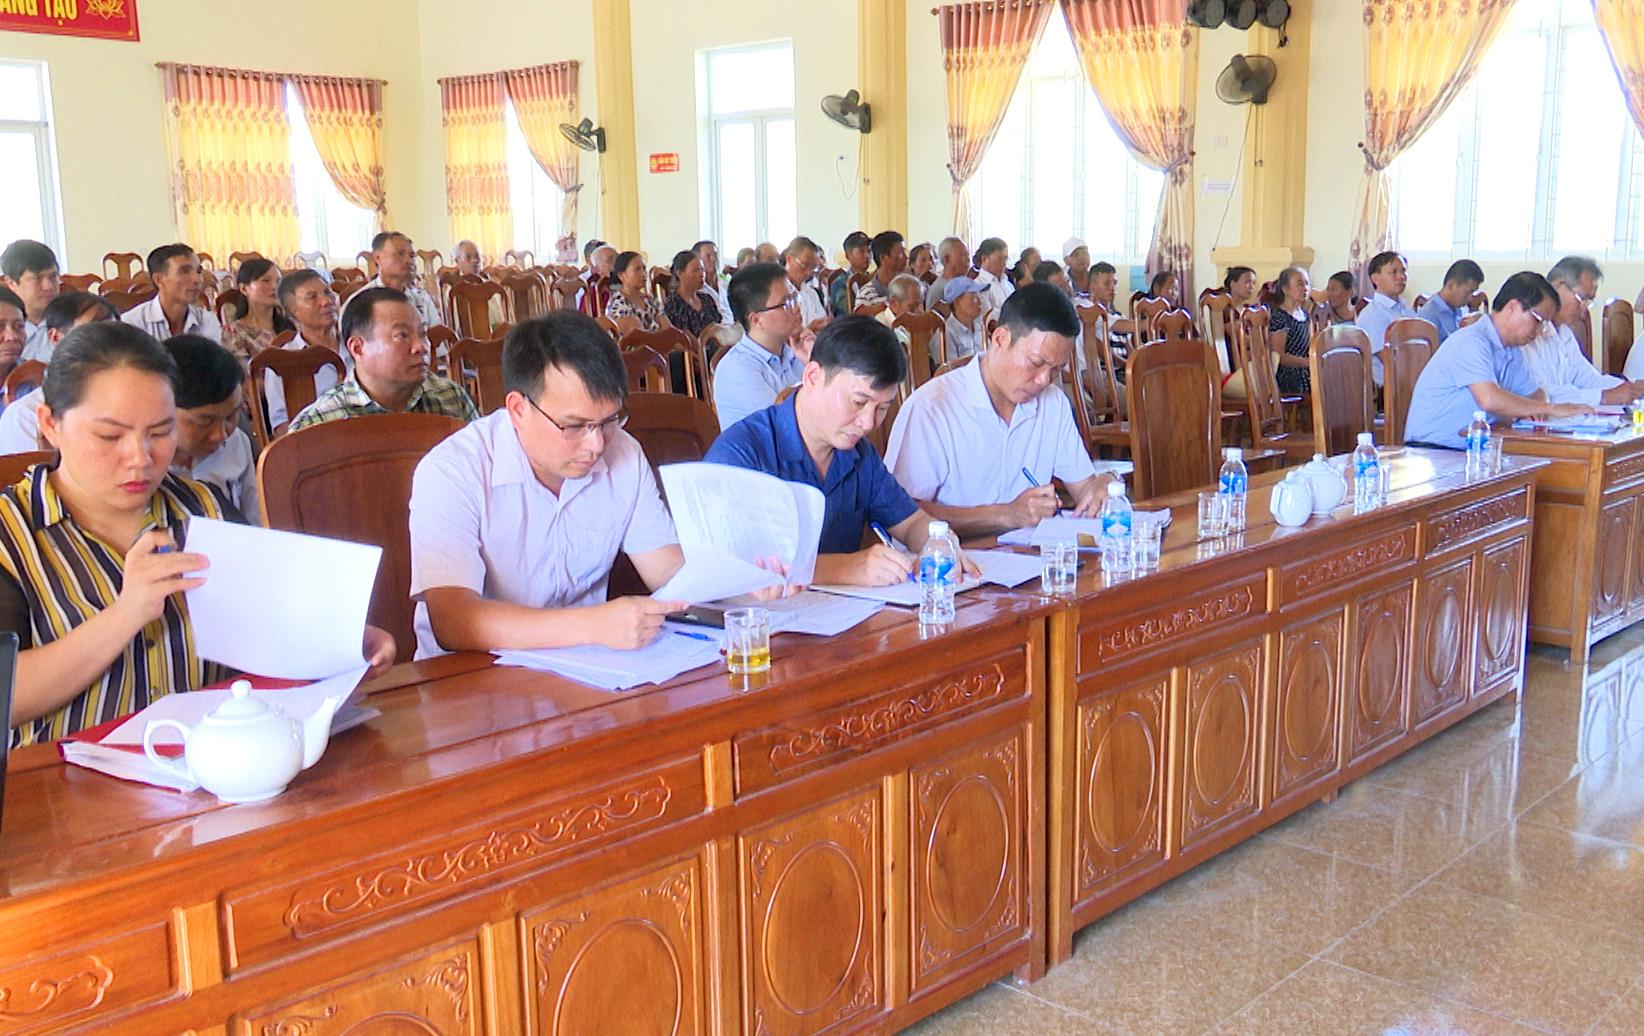 Hội đồng bồi thường giải phóng mặt bằng, tái định cư xây dựng tuyến đường tổ chức đối thoại với các hộ dân xã Quang Vĩnh